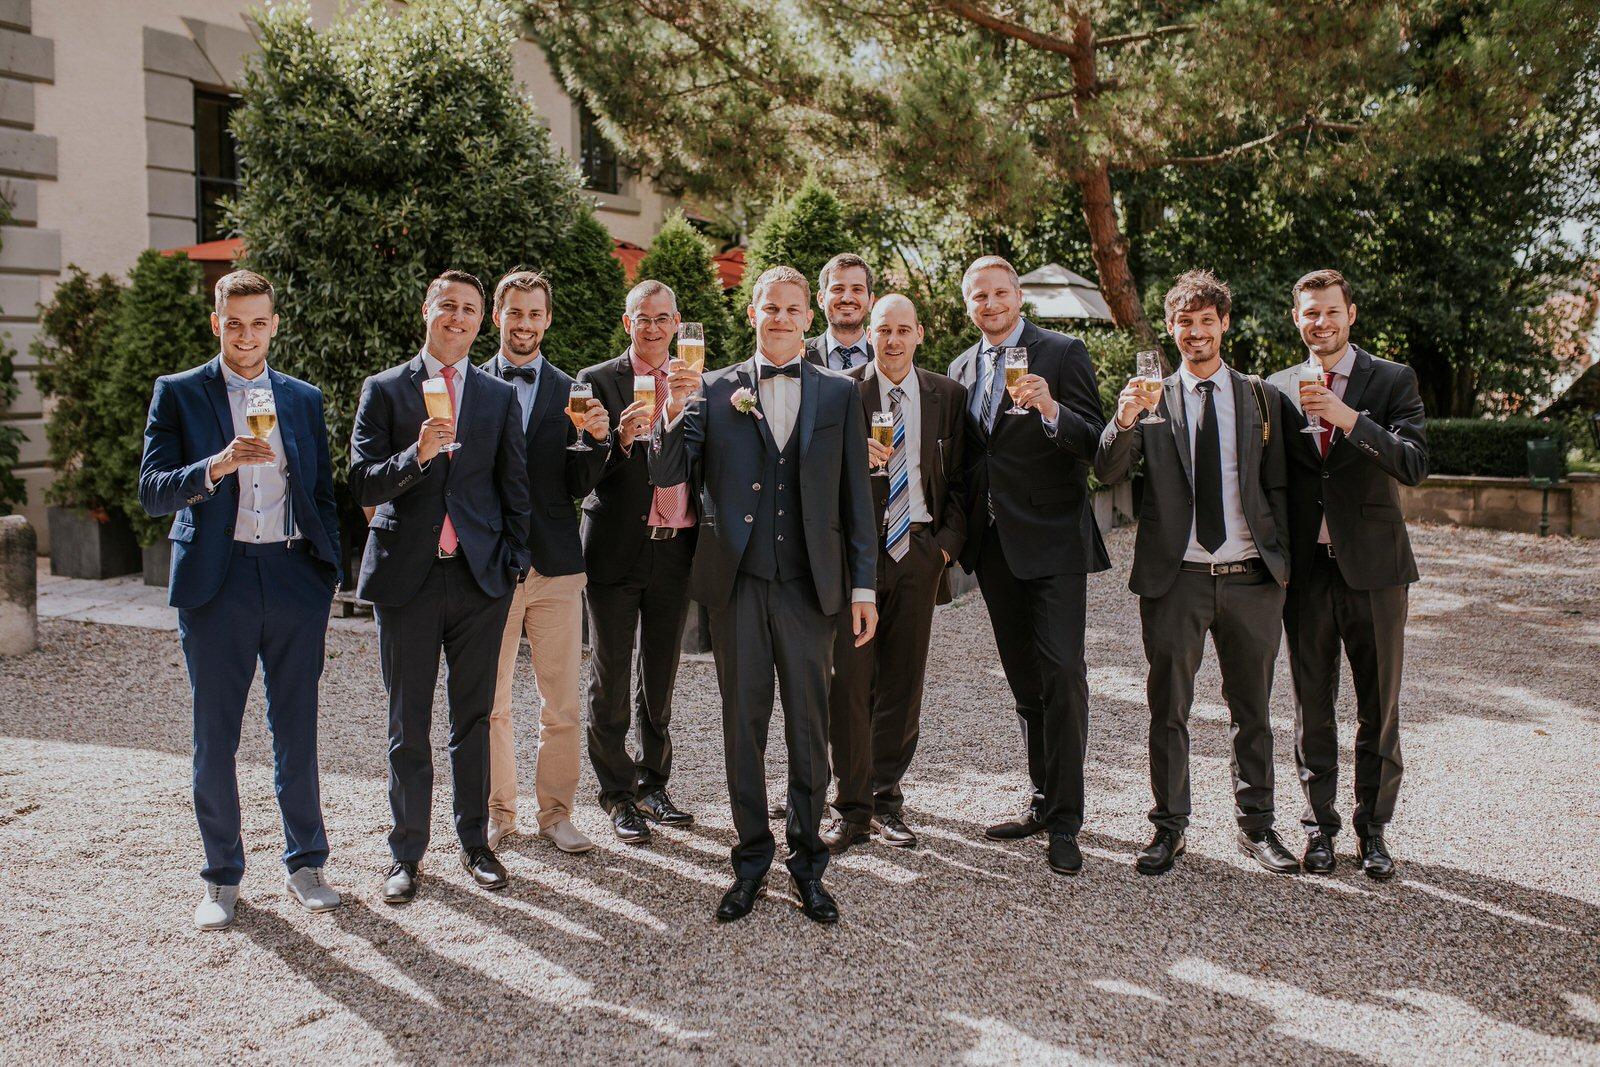 Hochzeit-Gebrueder-Meurer-Pfalz-Hochzeitsfotograf-Mannheim-28